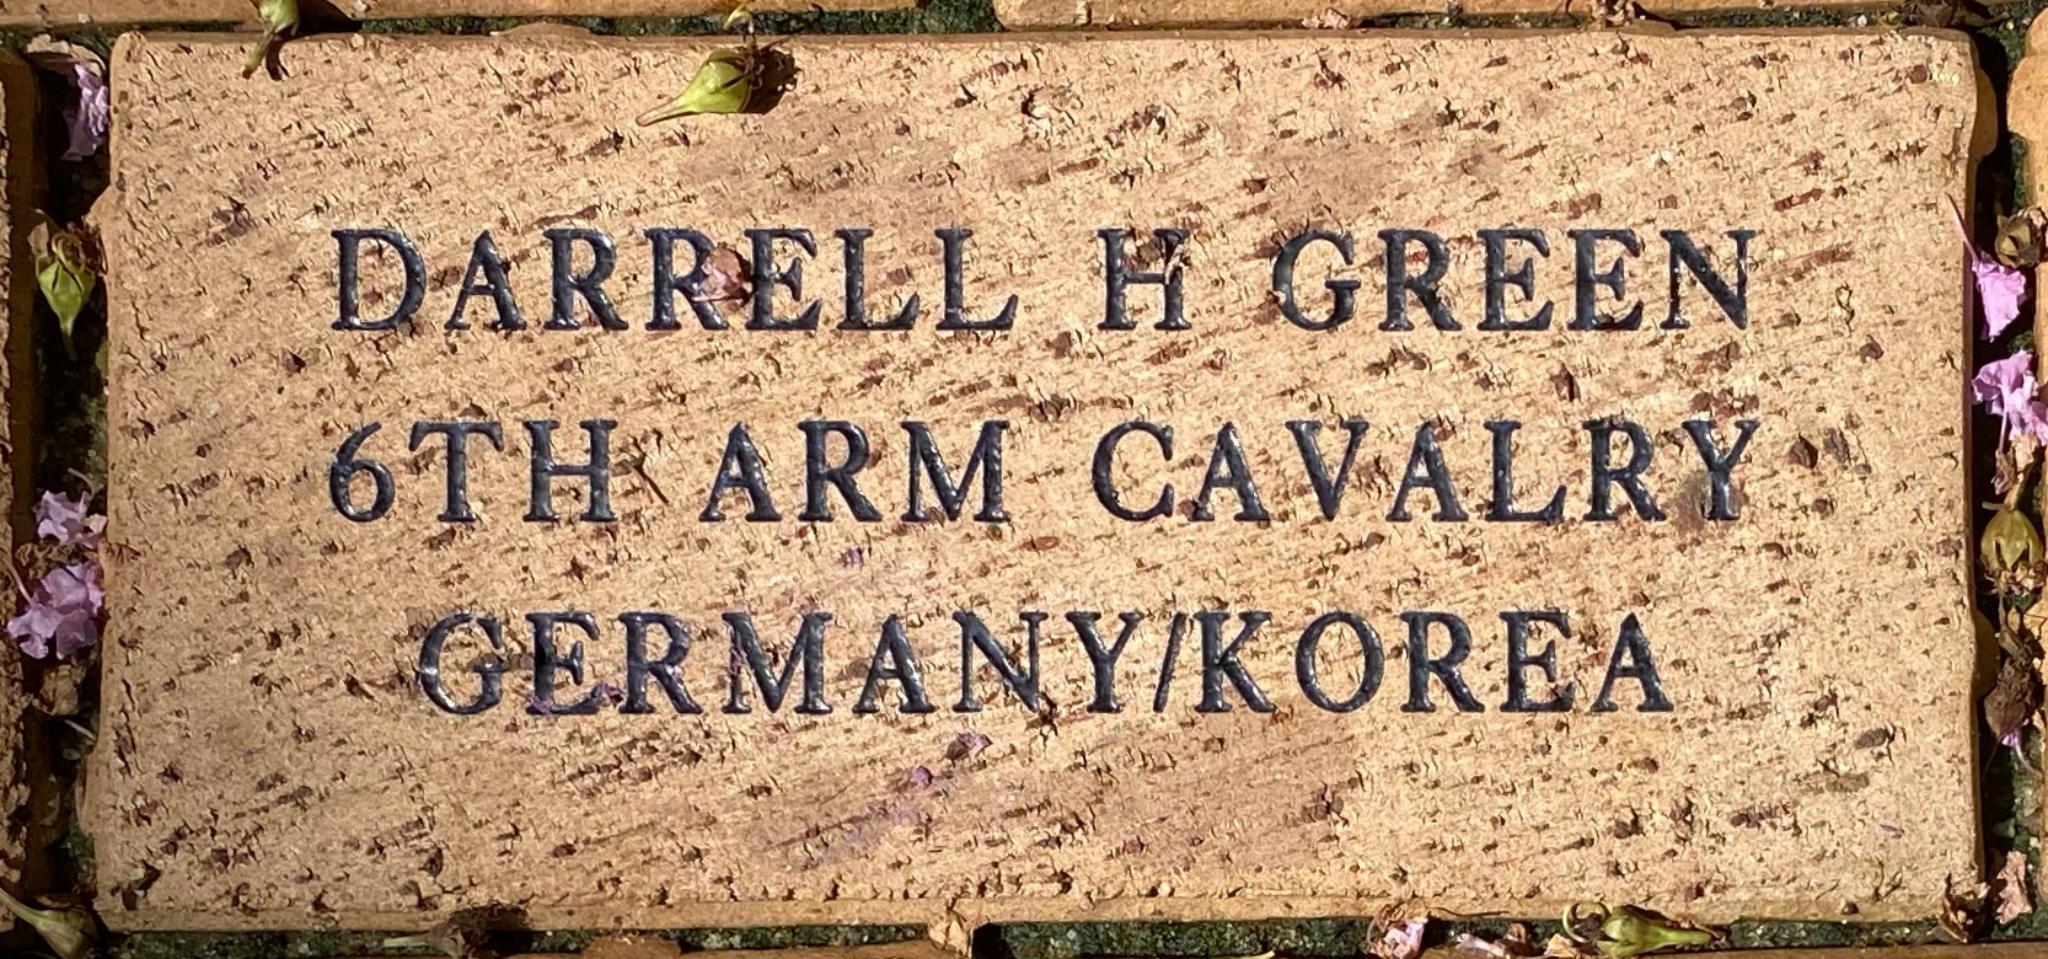 DARRELL H GREEN 6TH ARM CALVARY GERMANY/ KOREA